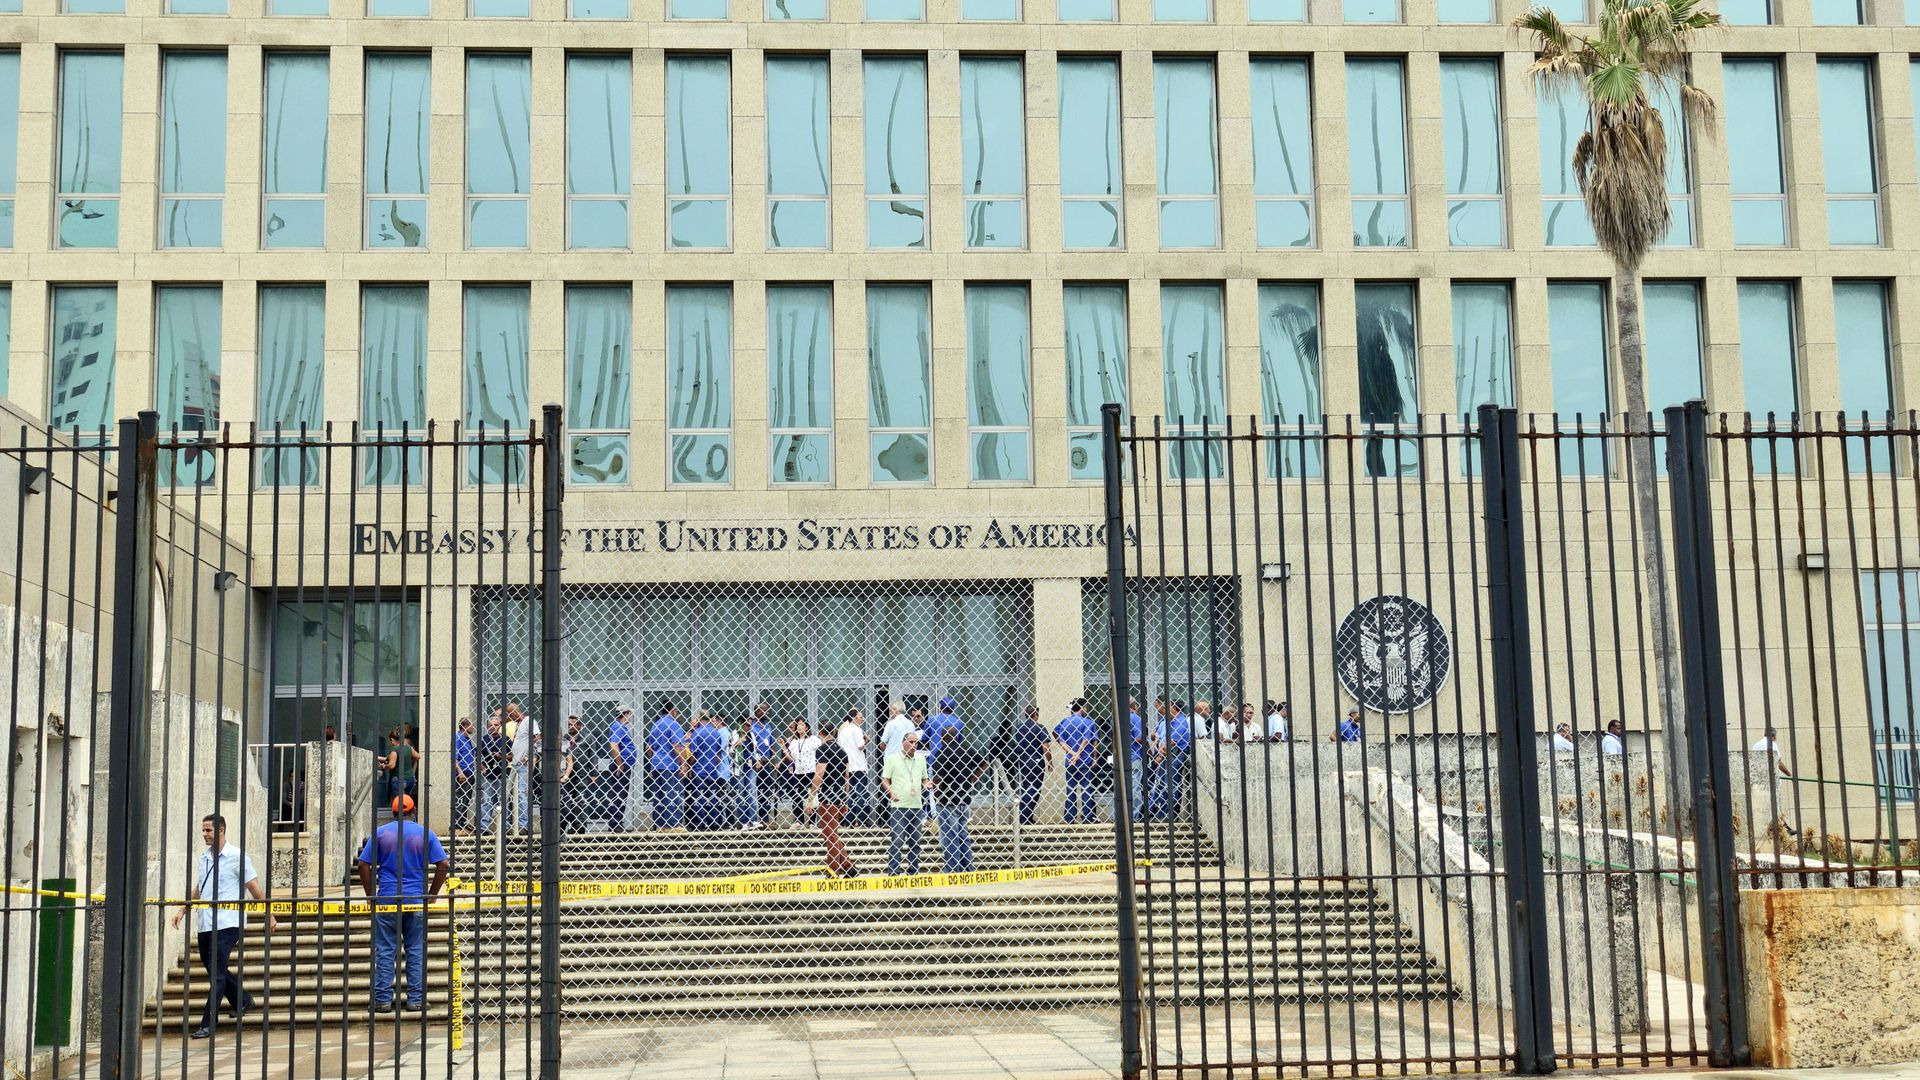 U.S. Embassy in Cuba.